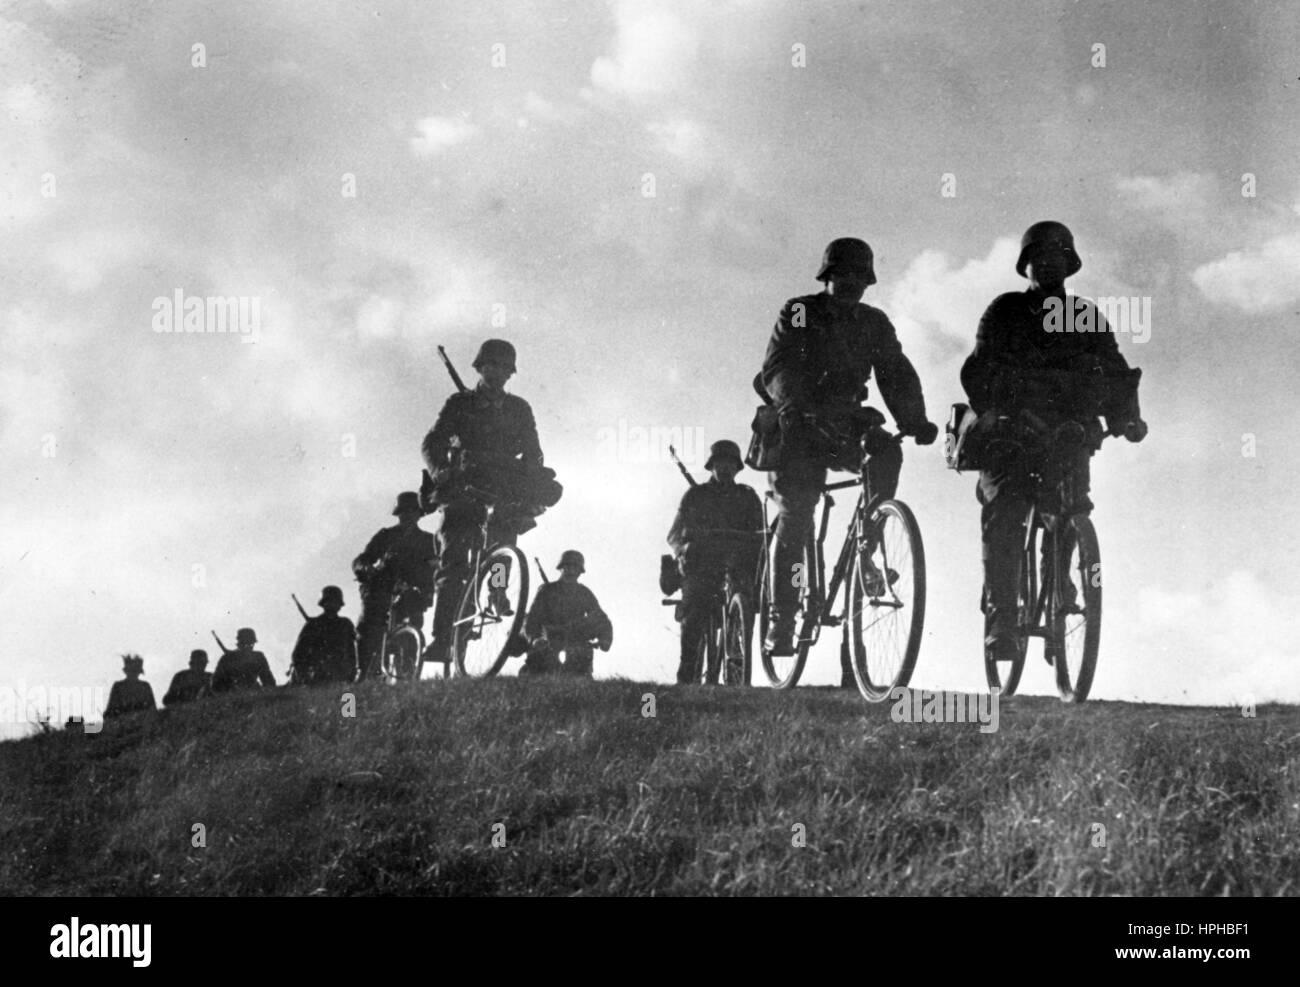 die-ns-propaganda-bild-zeigt-elemente-der-eine-deutsche-wehrmacht-fahrrad-truppe-auf-einer-ubung-veroffentlicht-im-januar-1941-ein-nazi-reporter-hat-auf-der-ruckseite-des-bildes-am-02011941-geschrieben-durch-kontinuierliche-ubungen-die-leistung-unserer-soldaten-erhoht-ein-fahrrad-geschwader-in-der-ausbildung-jedes-hindernis-muss-angegangen-werden-auf-dem-marsch!-foto-berliner-verlag-kein-draht-service-archiv-weltweite-nutzung-hphbf1.jpg